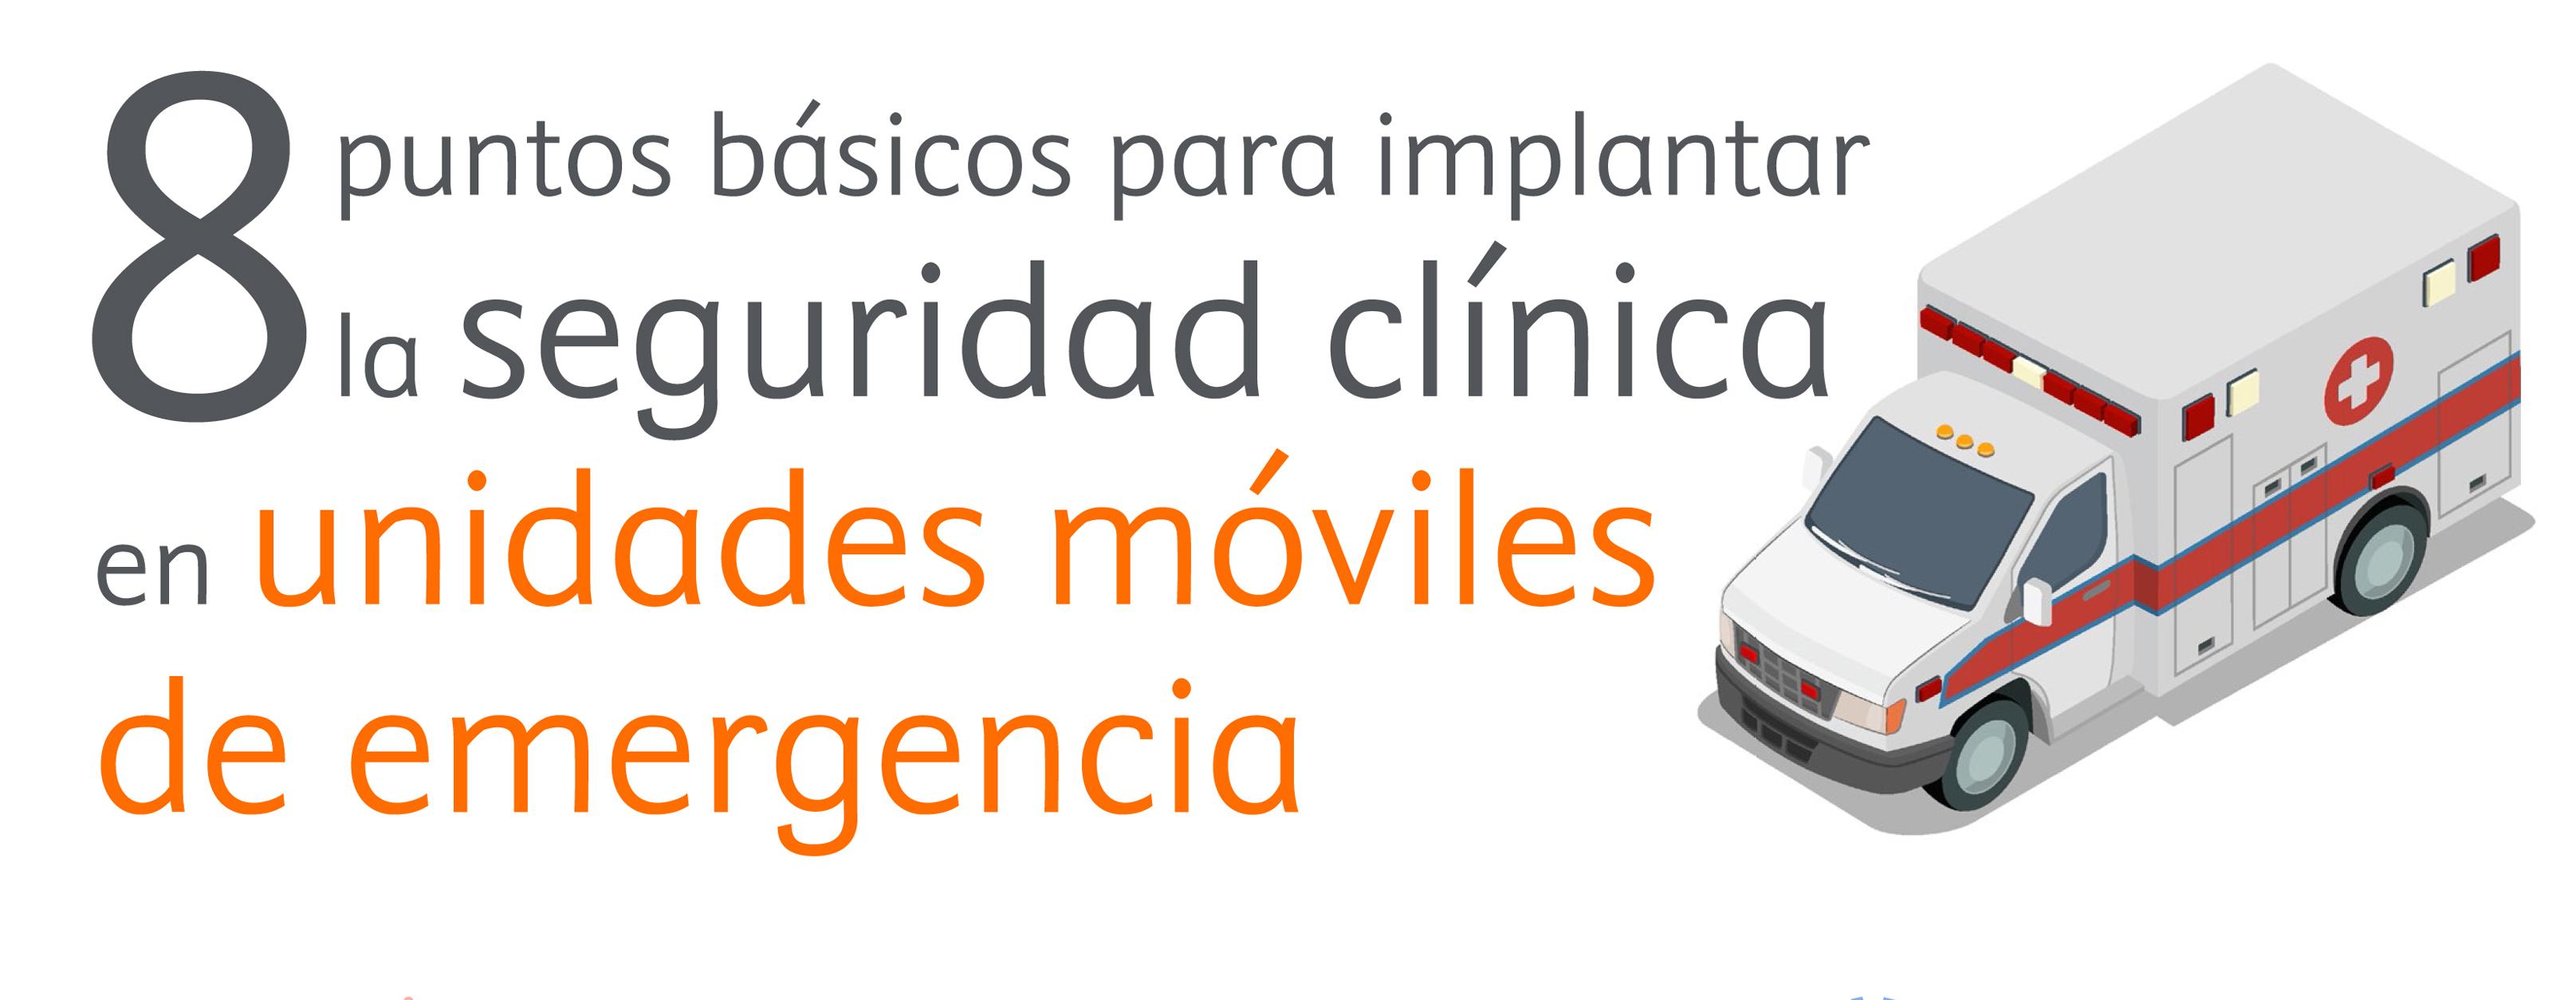 Seguridad clínica en unidades móviles de emergencia